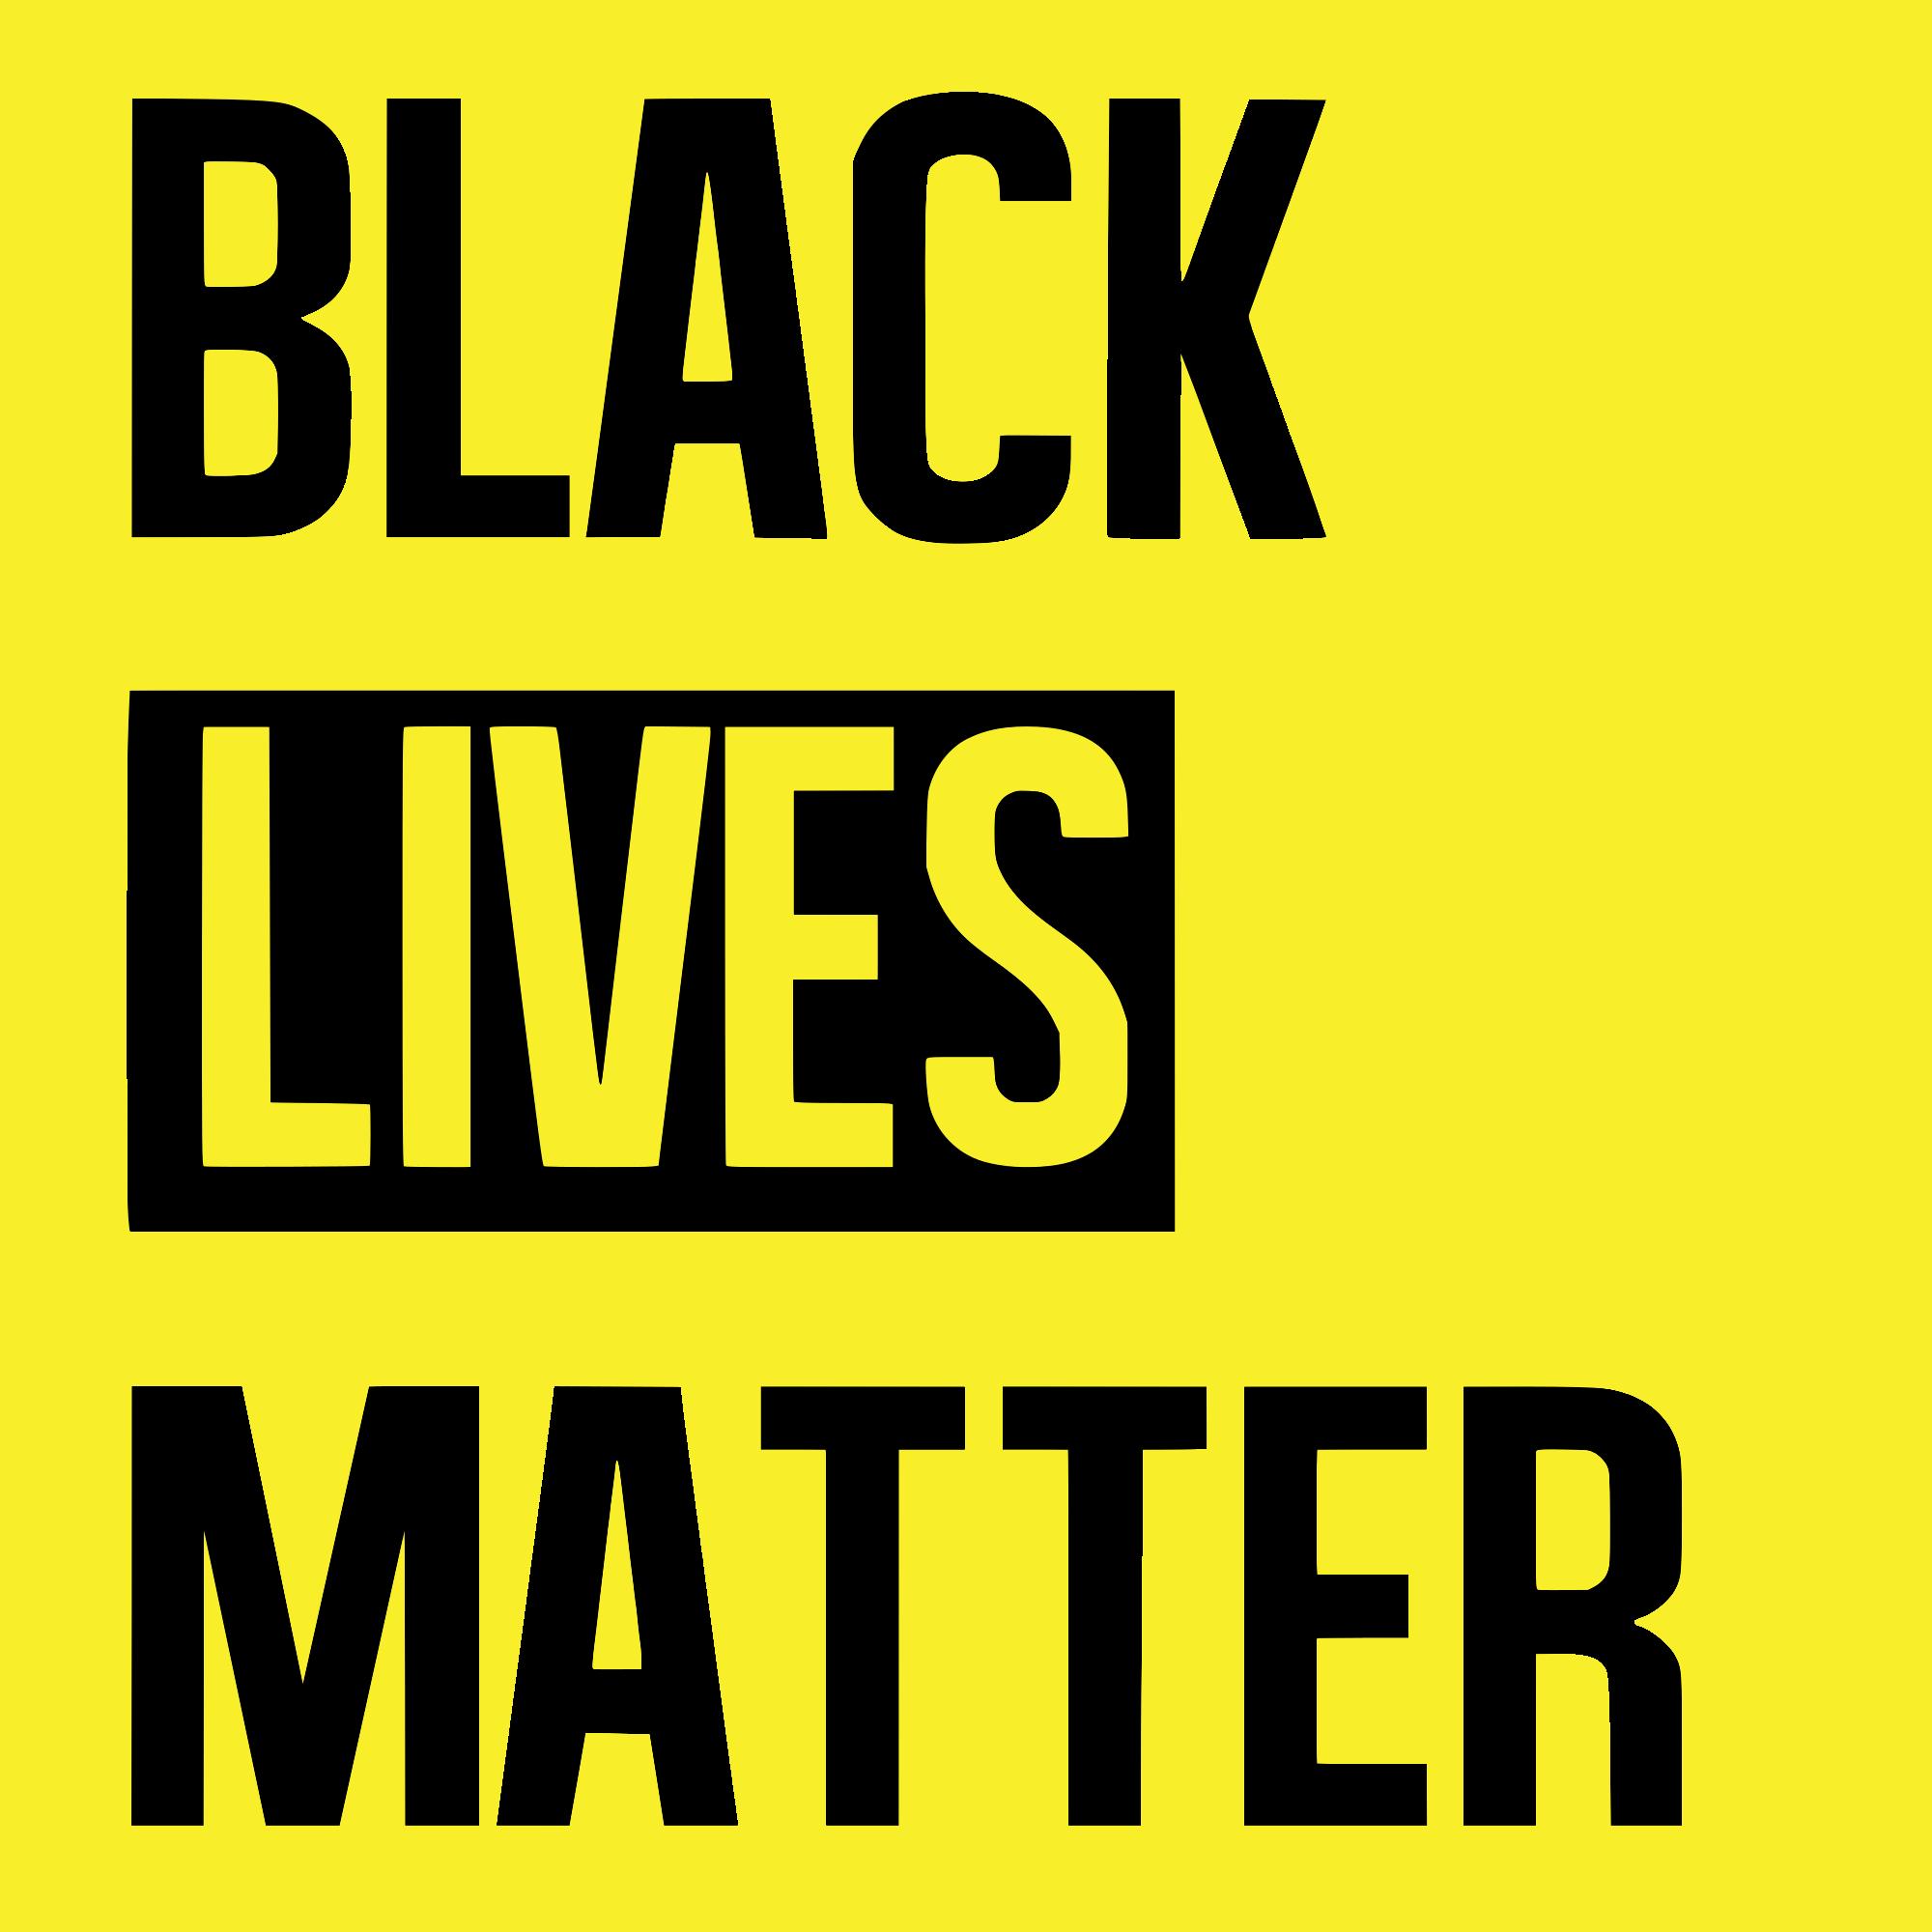 Black Lives Matter - Wikipedia, la enciclopedia libre